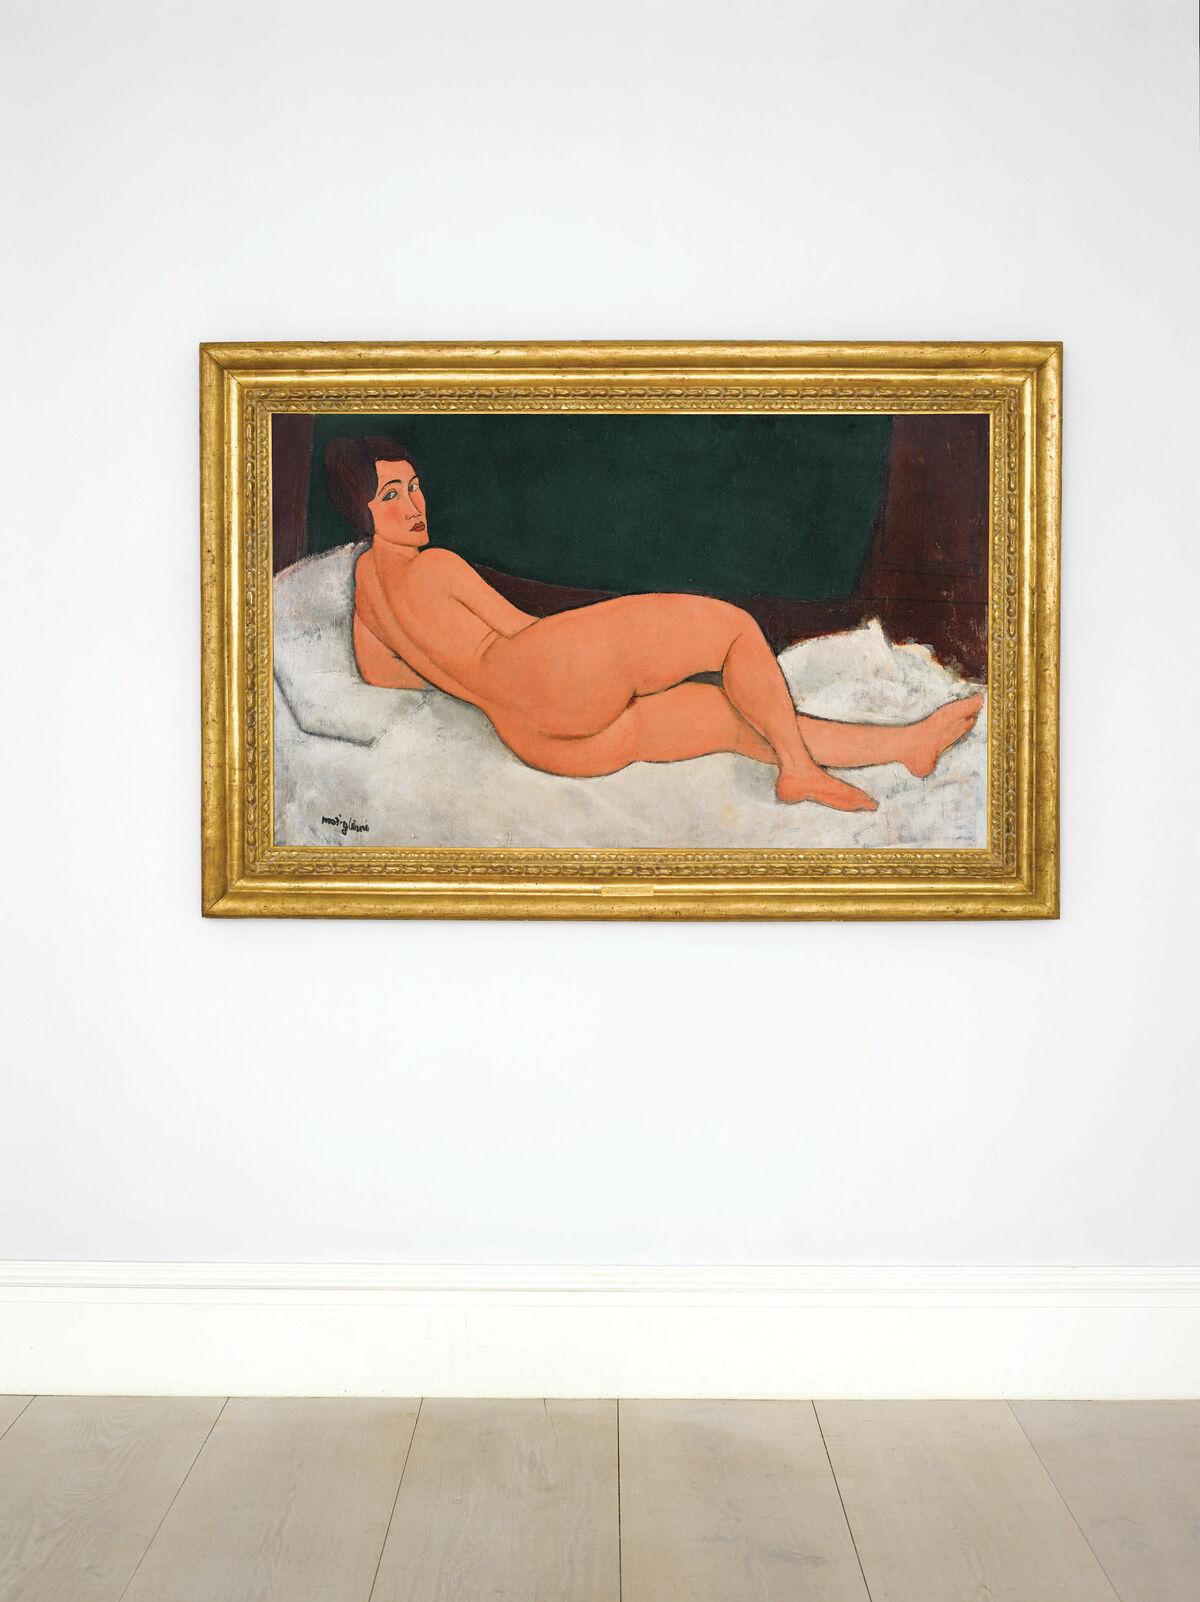 Amedeo Modigliani, Nu couché (sur le côté gauche), 1917. Photo courtesy Sotheby's.